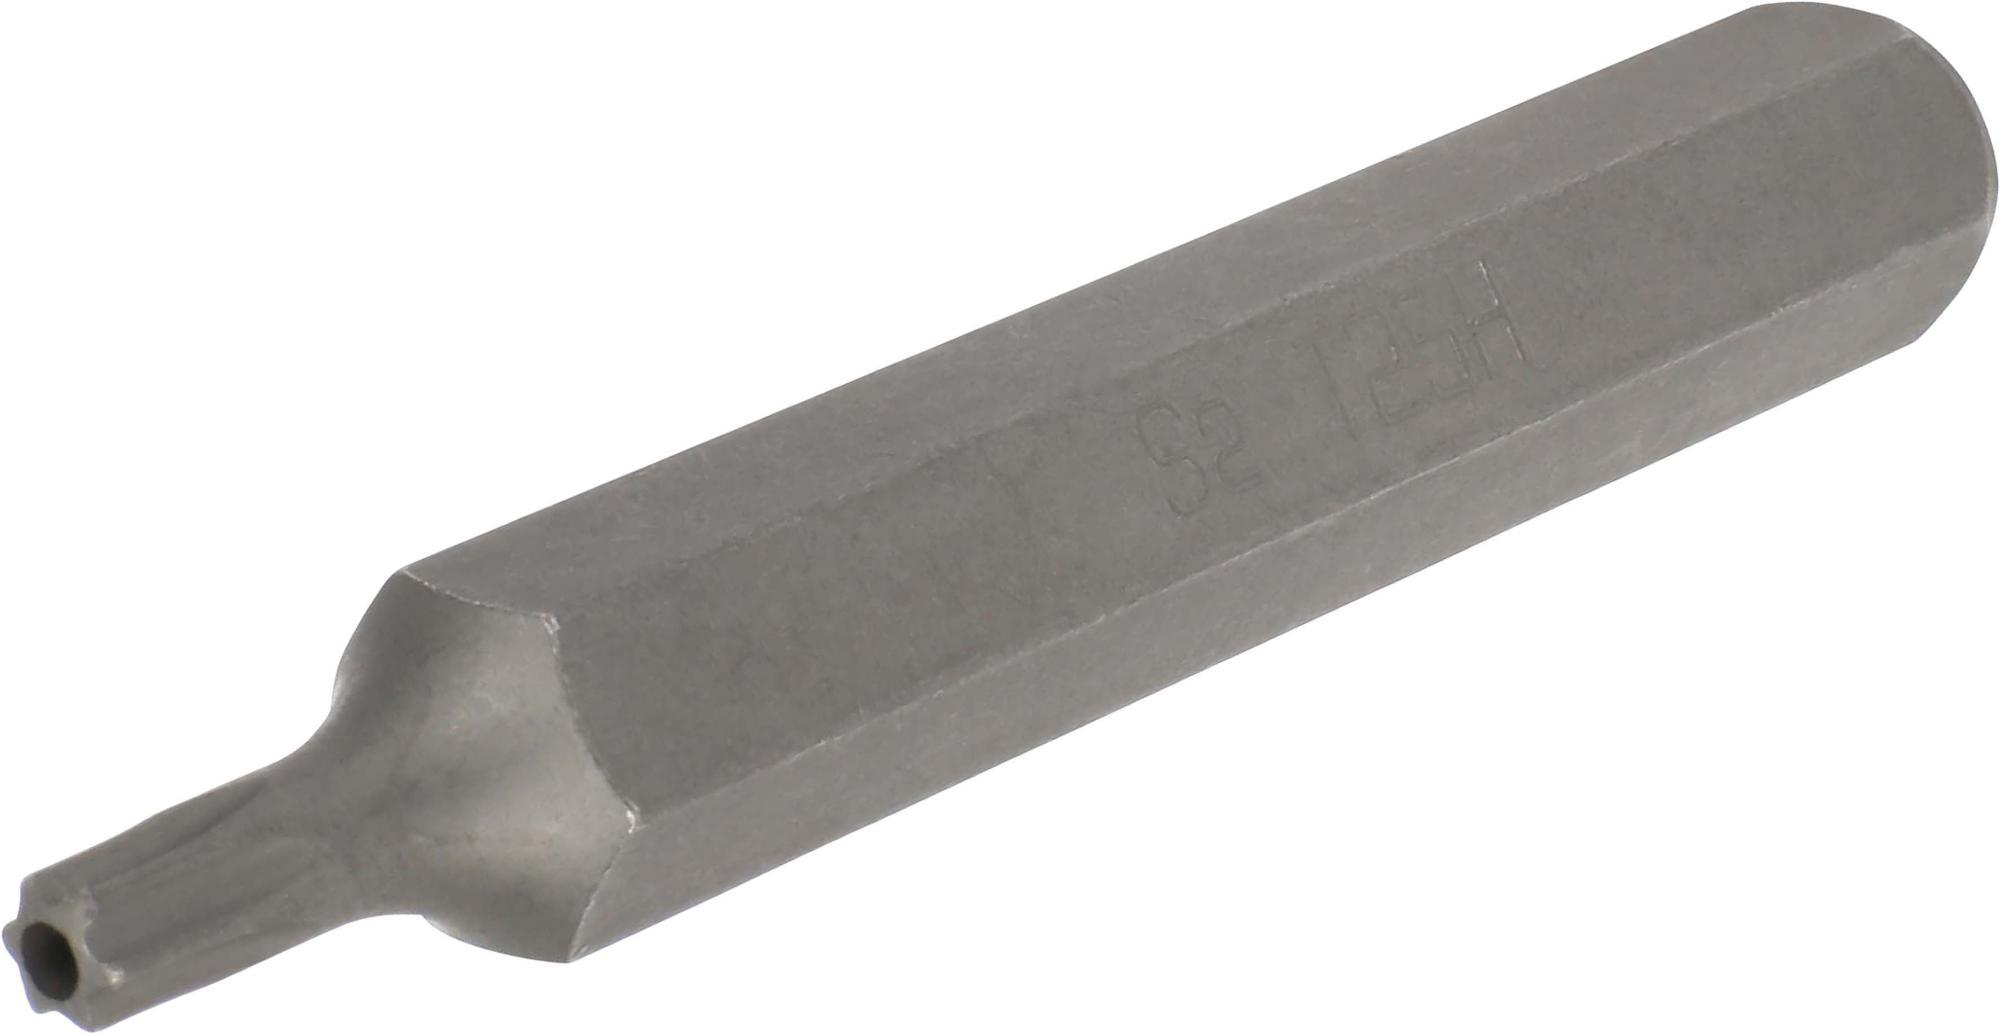 Bit, 10 mm 6-hran, TORX SLB T25x75 mm